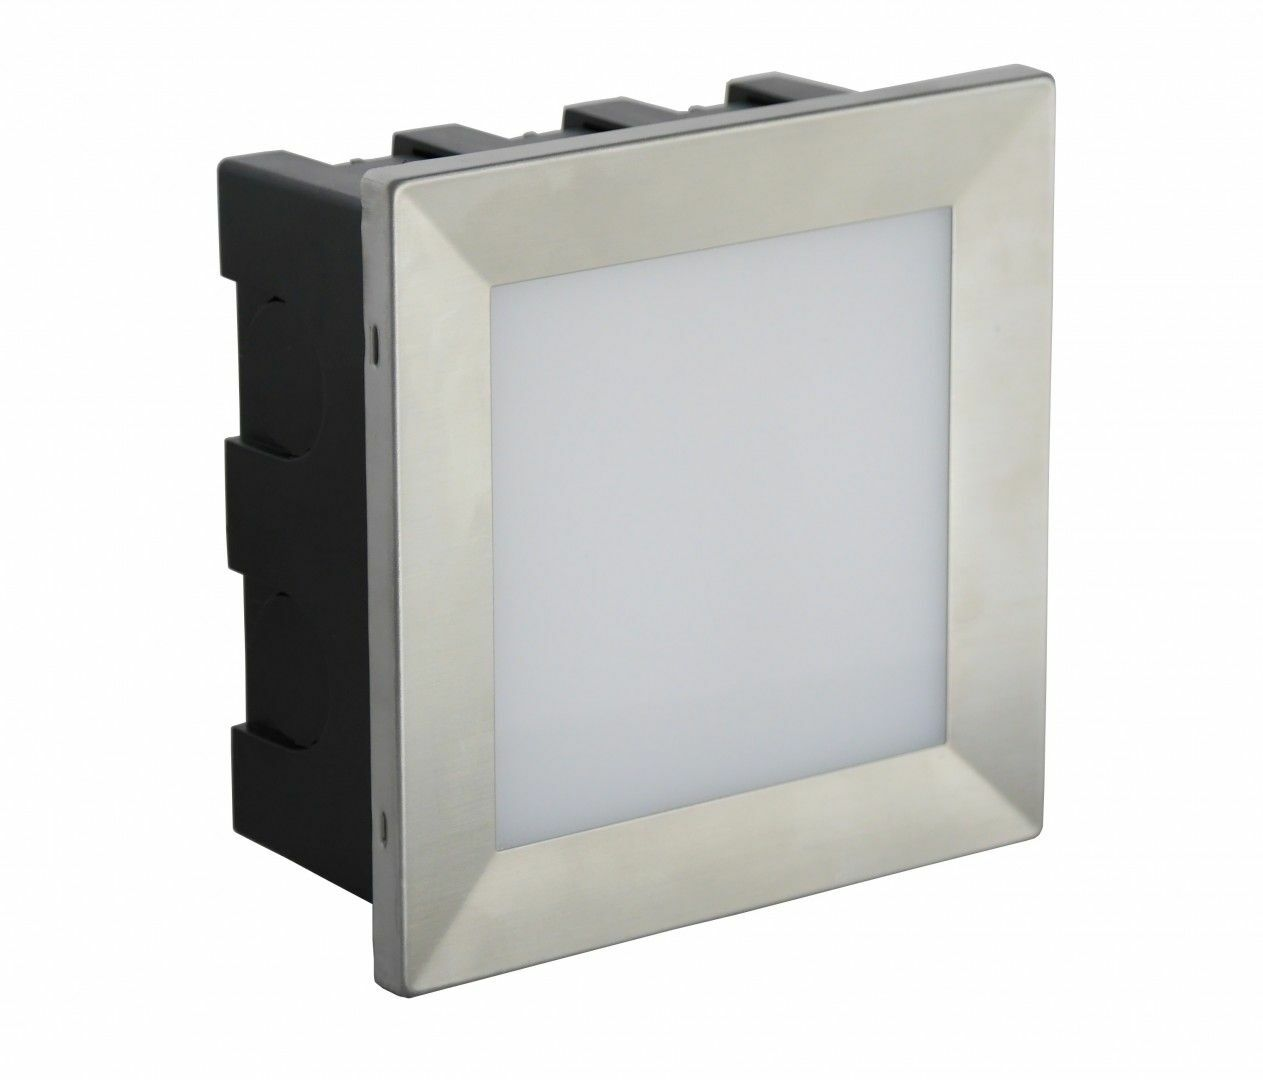 Oprawa do wbudowania MUR LED INOX D 04 - SU-MA  Sprawdź kupony i rabaty w koszyku  Zamów tel  533-810-034